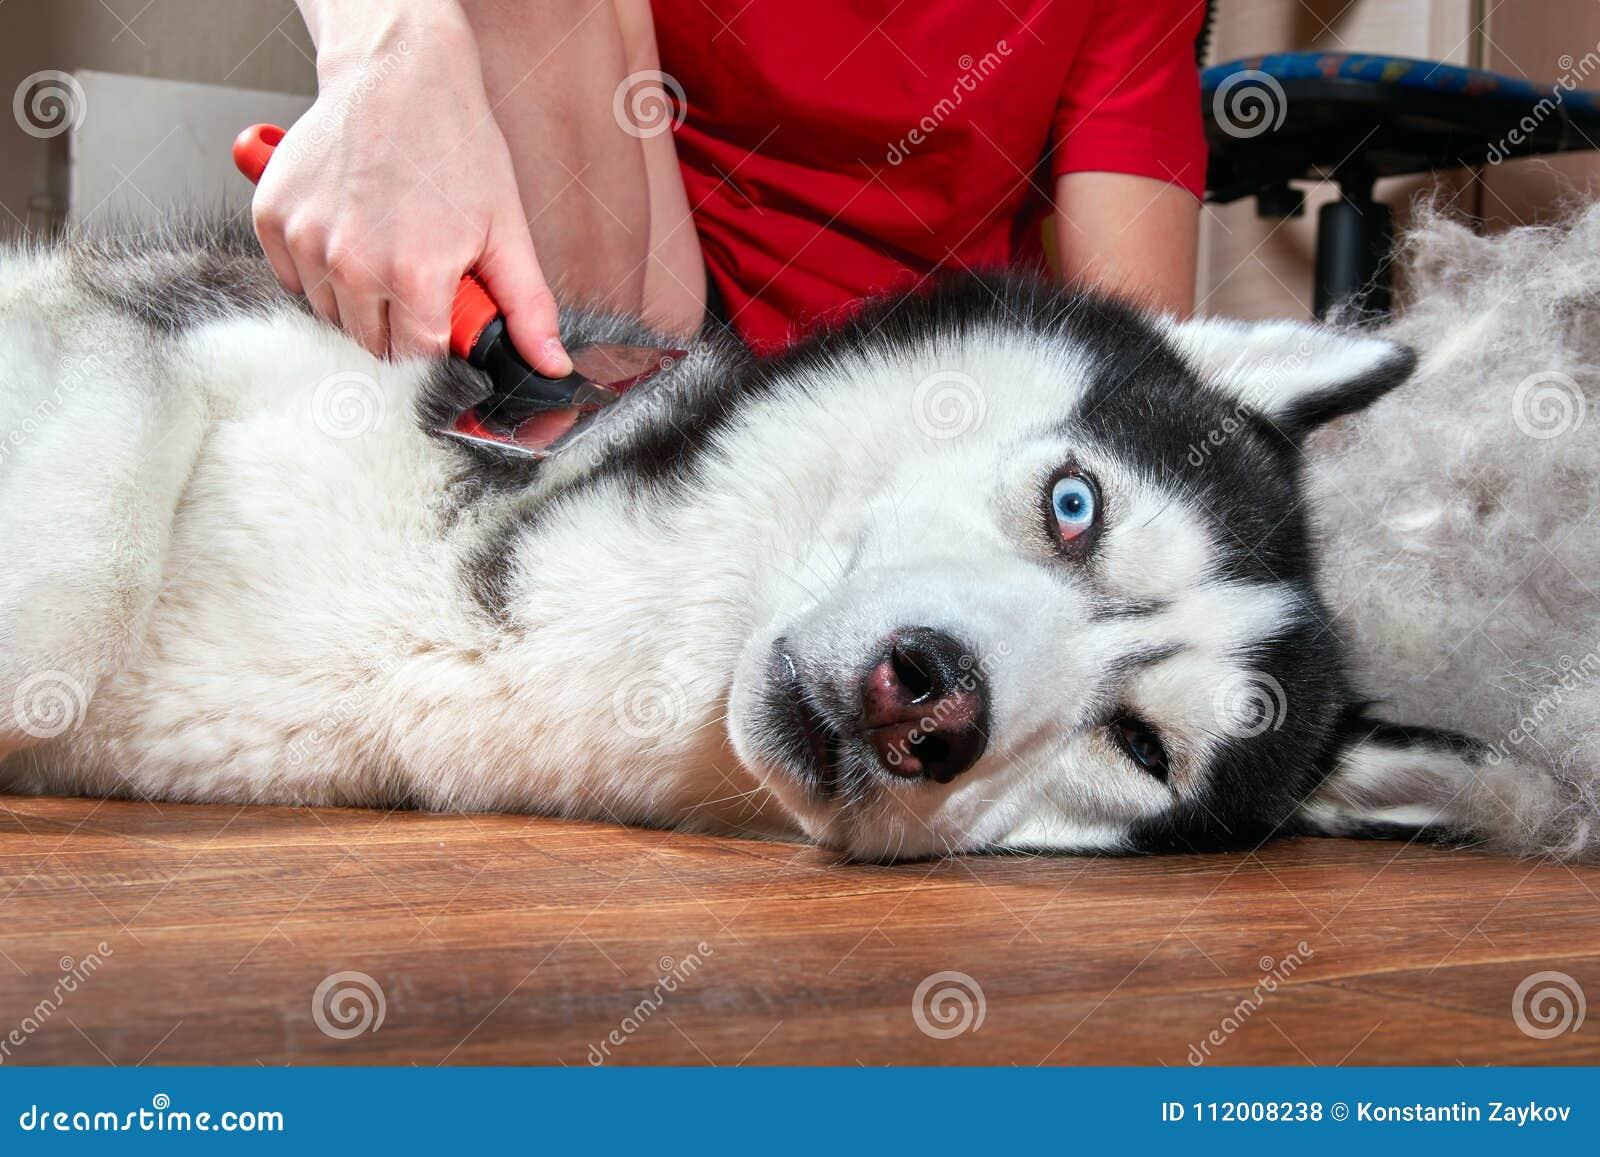 Ετήσιο molt έννοιας, παλτό που ρίχνει, κατοικίδια ζώα μαδήματος Καλλωπίζοντας σκυλί Undercoat Το αγόρι κτενίζει το μαλλί από σιβη